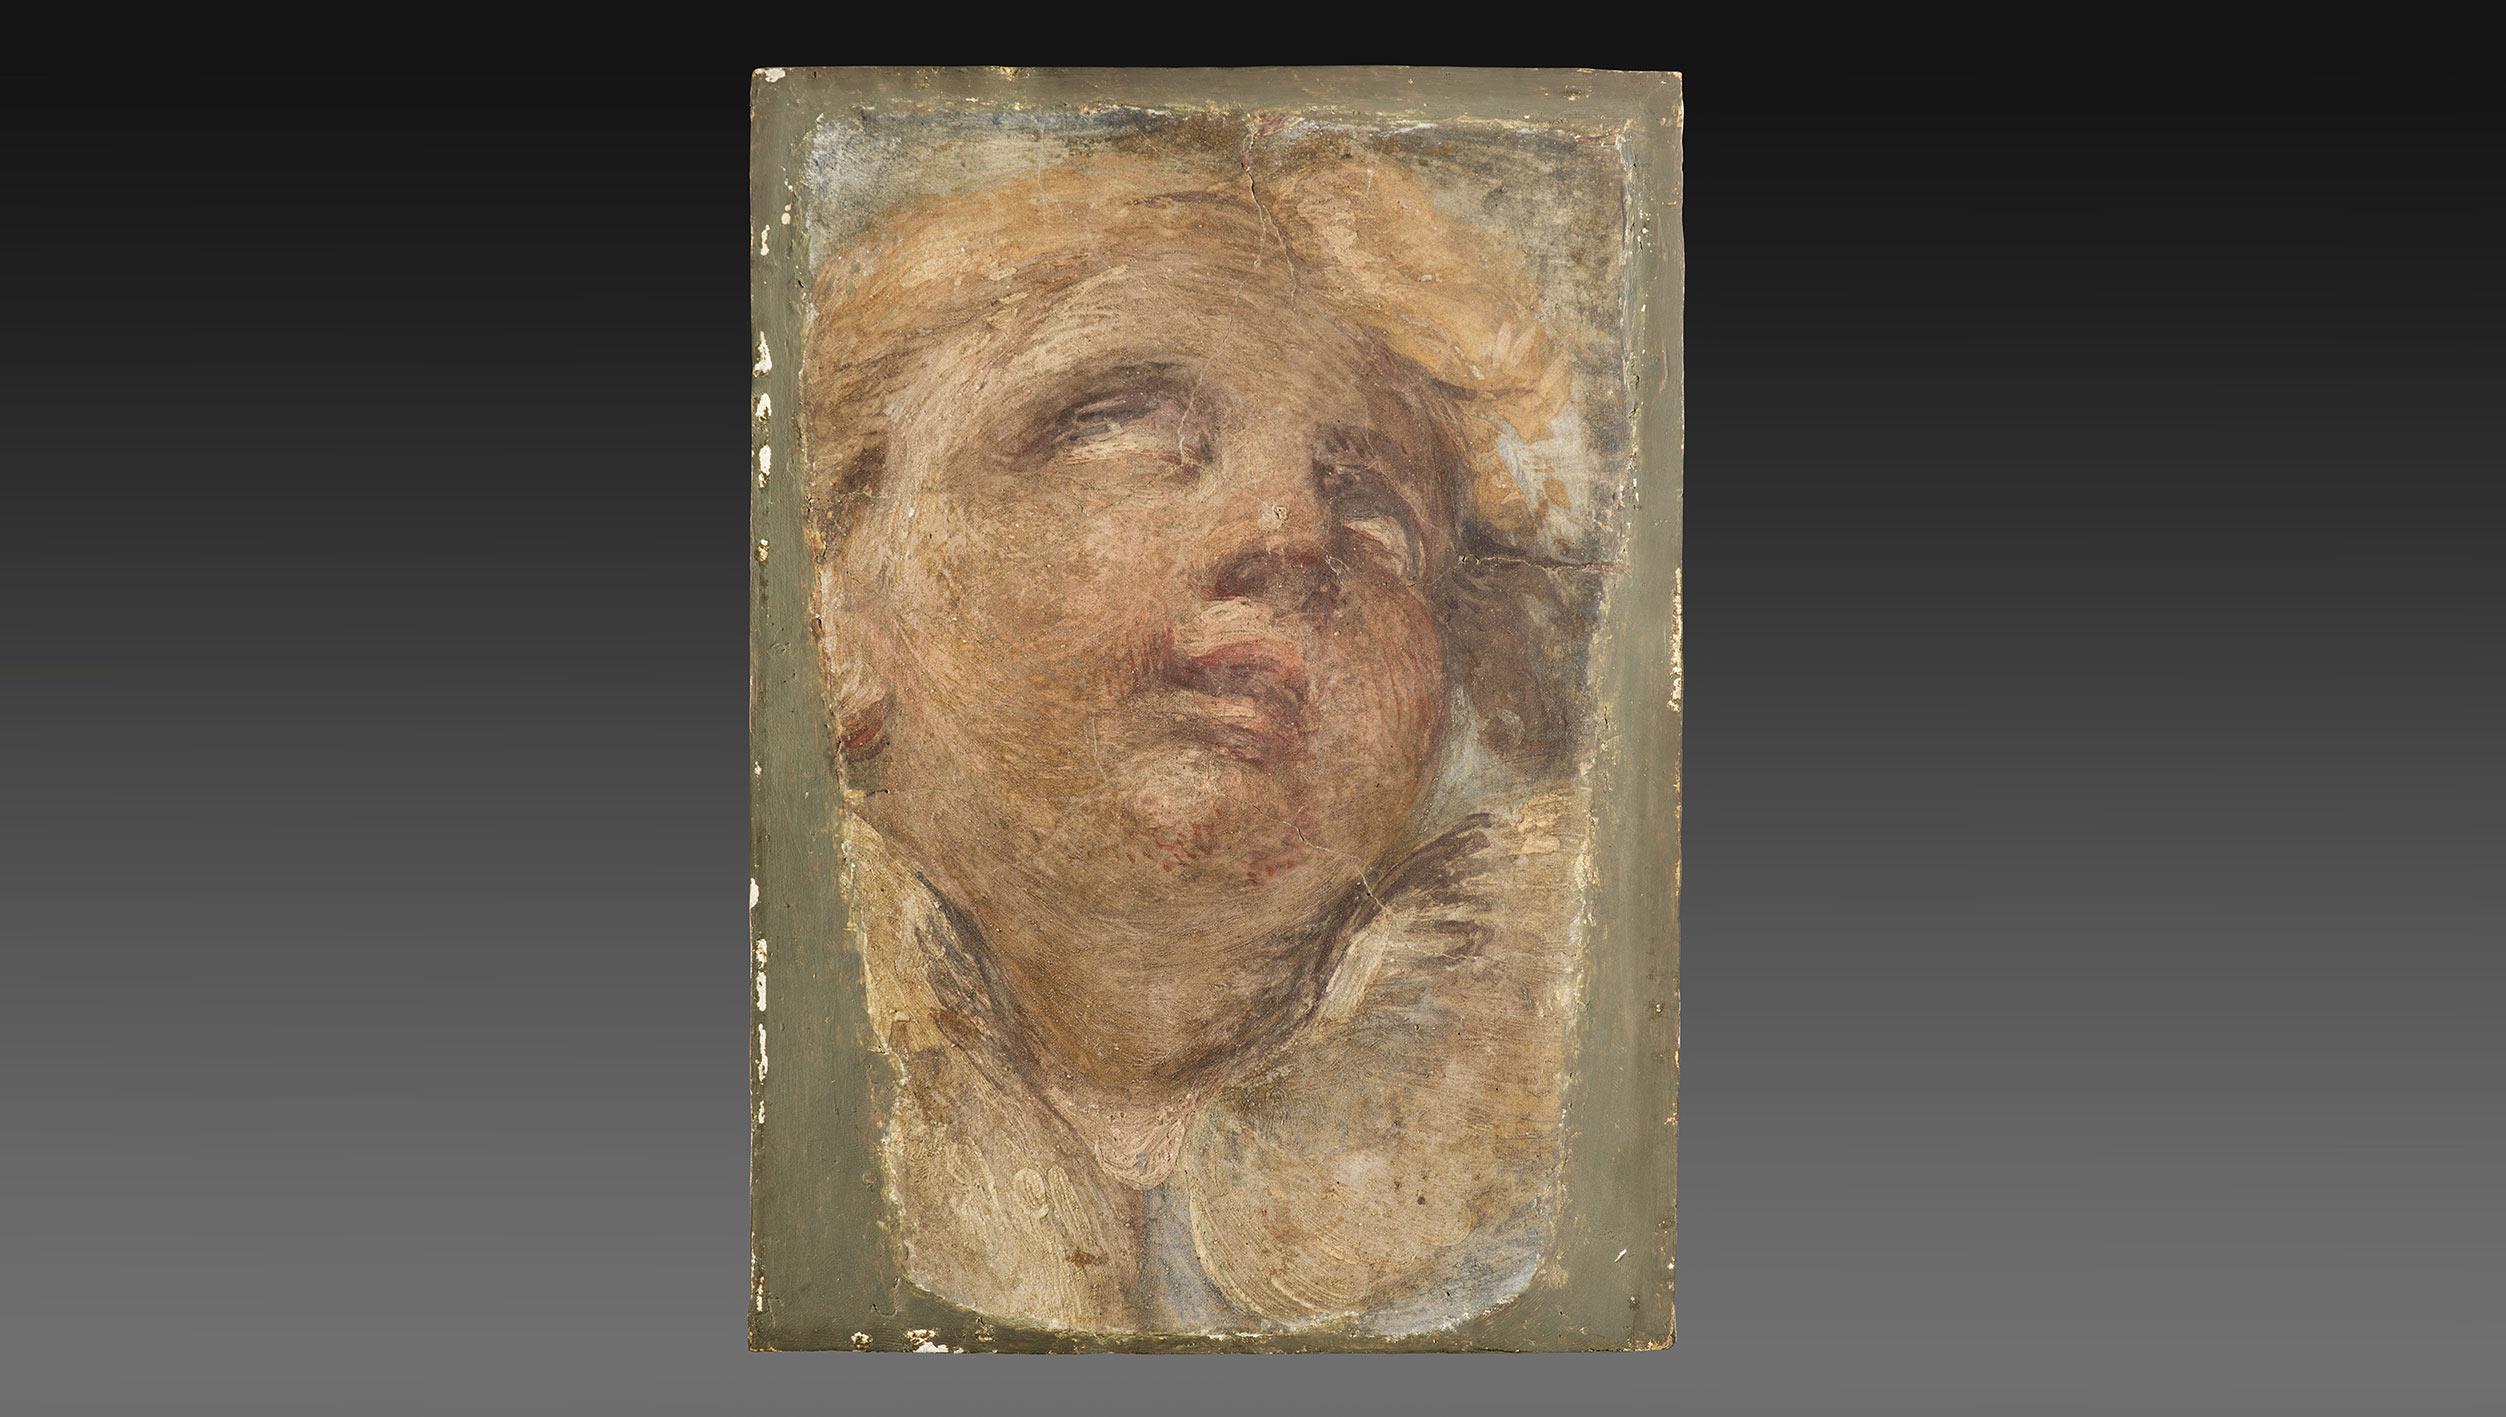 Riemerge un frammento inedito del Correggio, che va in mostra nella sua città natale